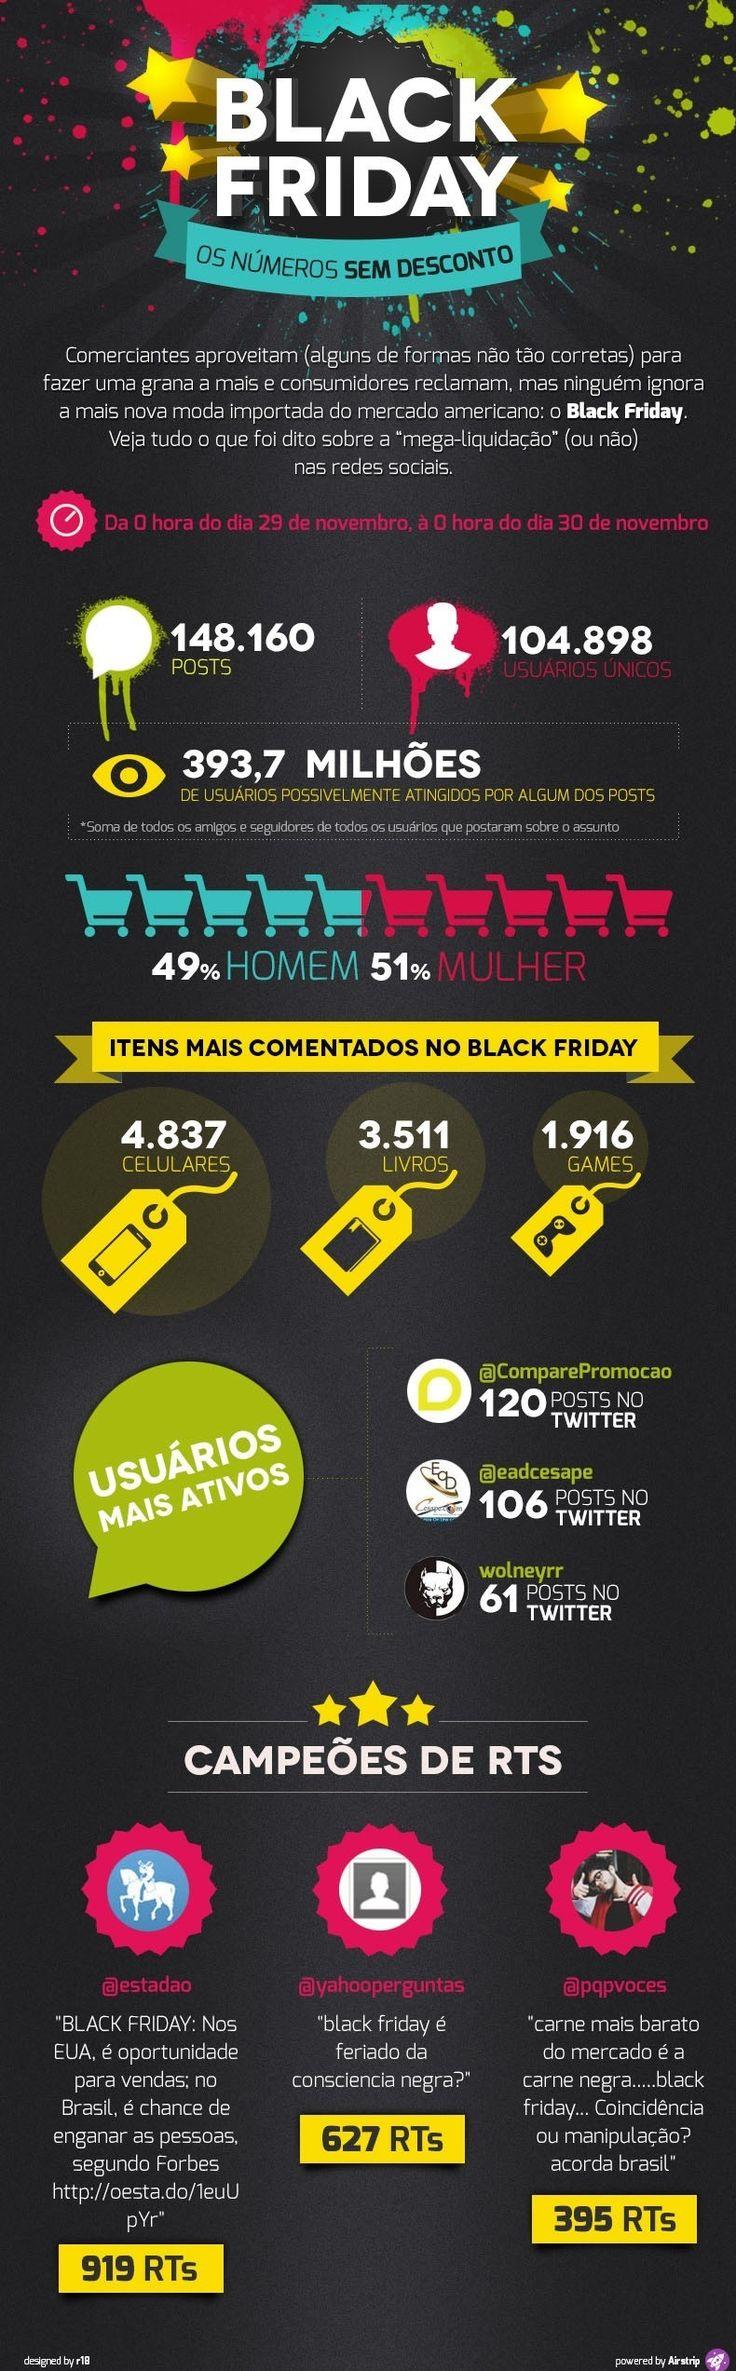 Infográfico: os efeitos da Black Friday nas redes sociais